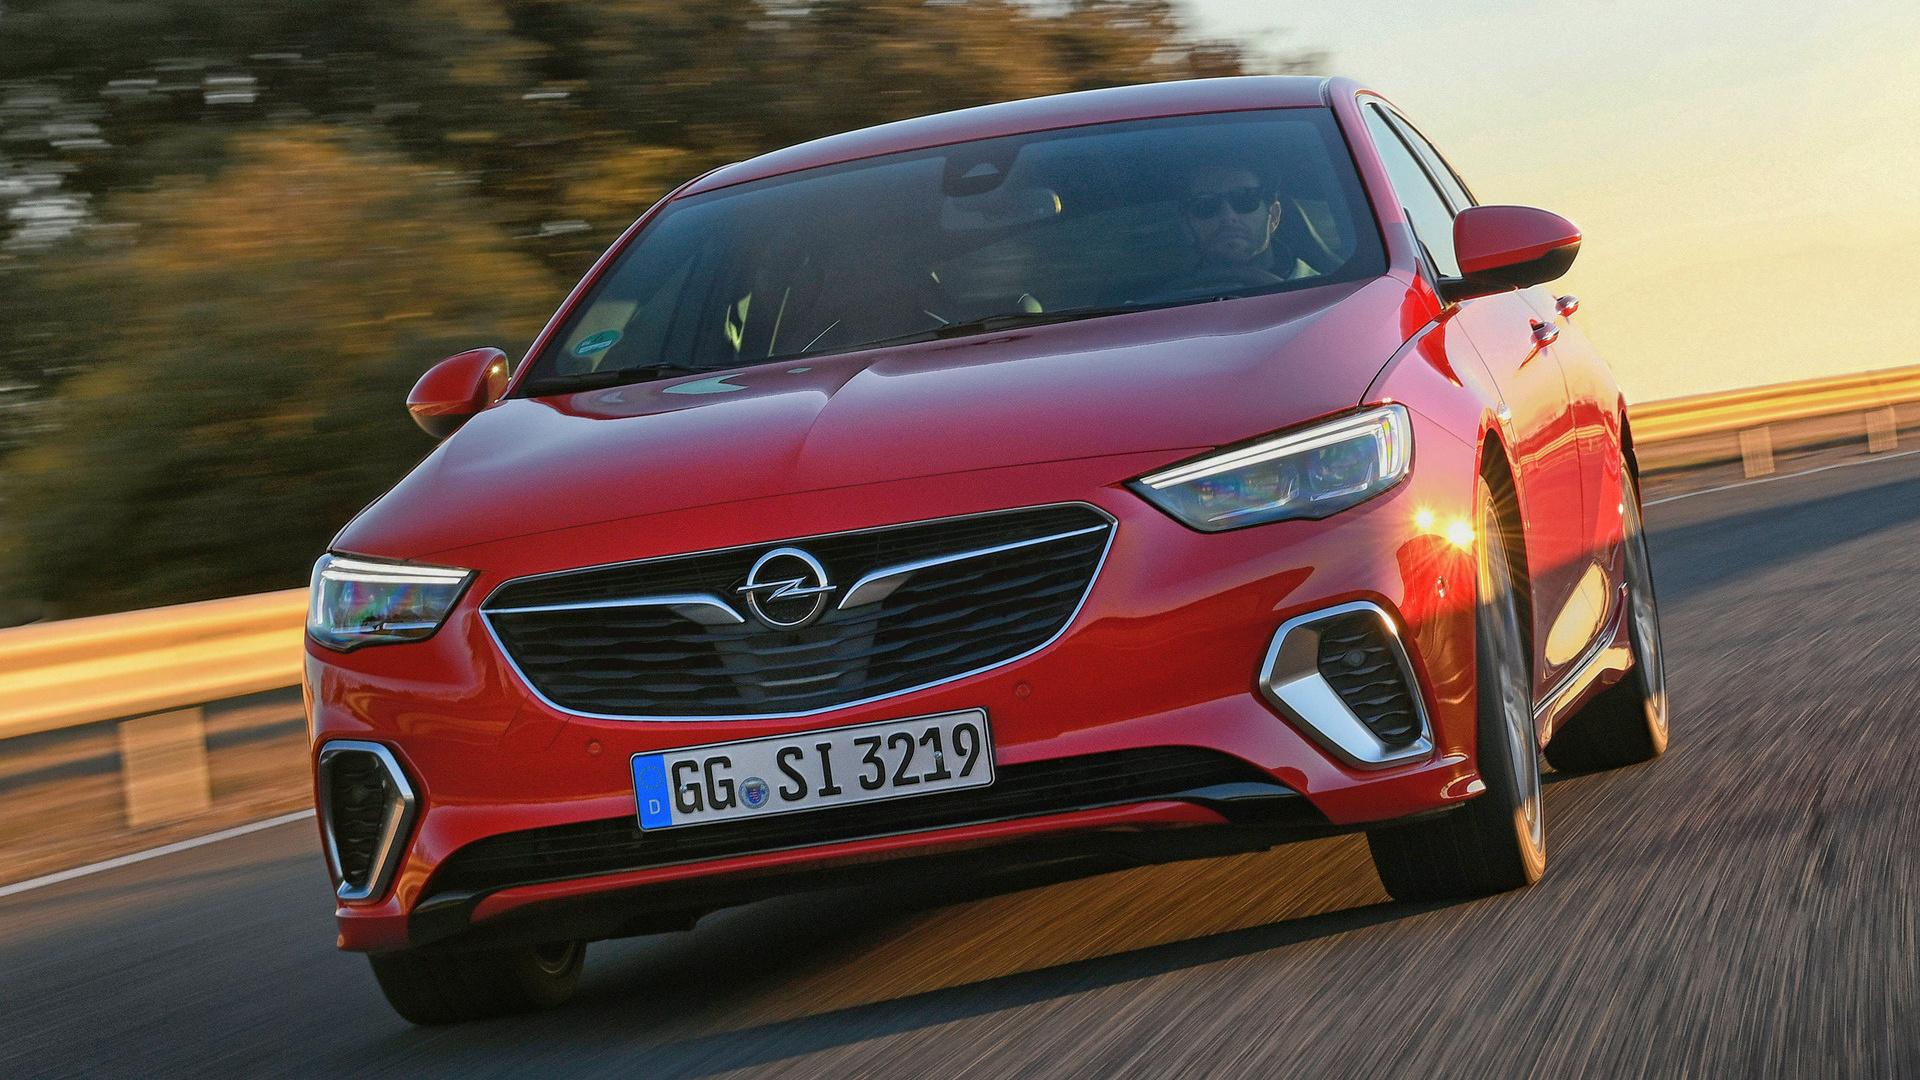 2017 Opel Insignia Gsi Grand Sport Papeis De Parede E Imagens De Fundo Em Hd Car Pixel